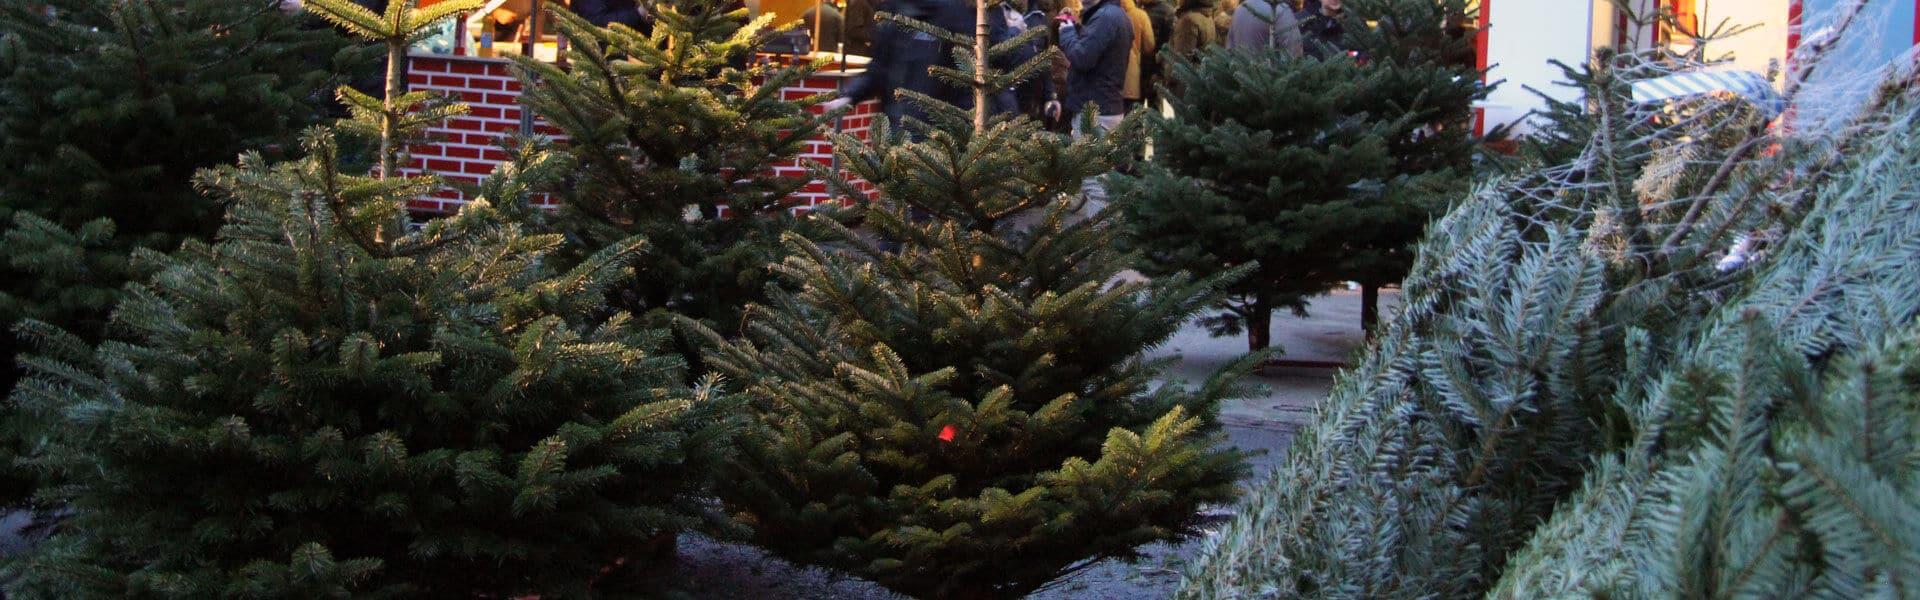 Tannenbaumschlagen in den schönsten Schonungen zur Weihnachtsfeier mit b-ceed